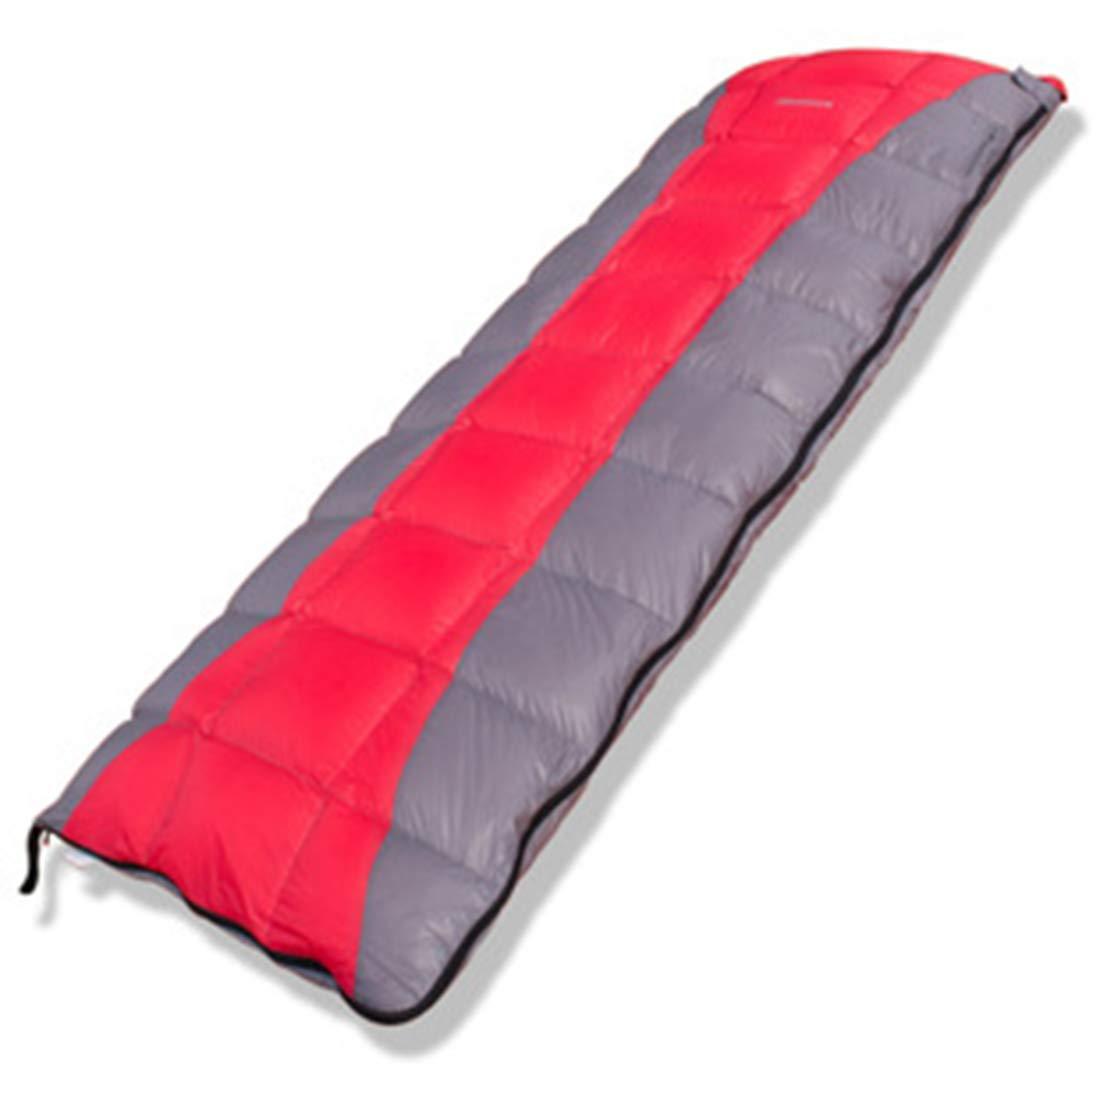 AREDOVL Saco de Dormir del Sobre para Acampar, Impermeable liviano y portátil para el Invierno Aire Libre para Acampar Mochila Viajes Senderismo (Color : Red)